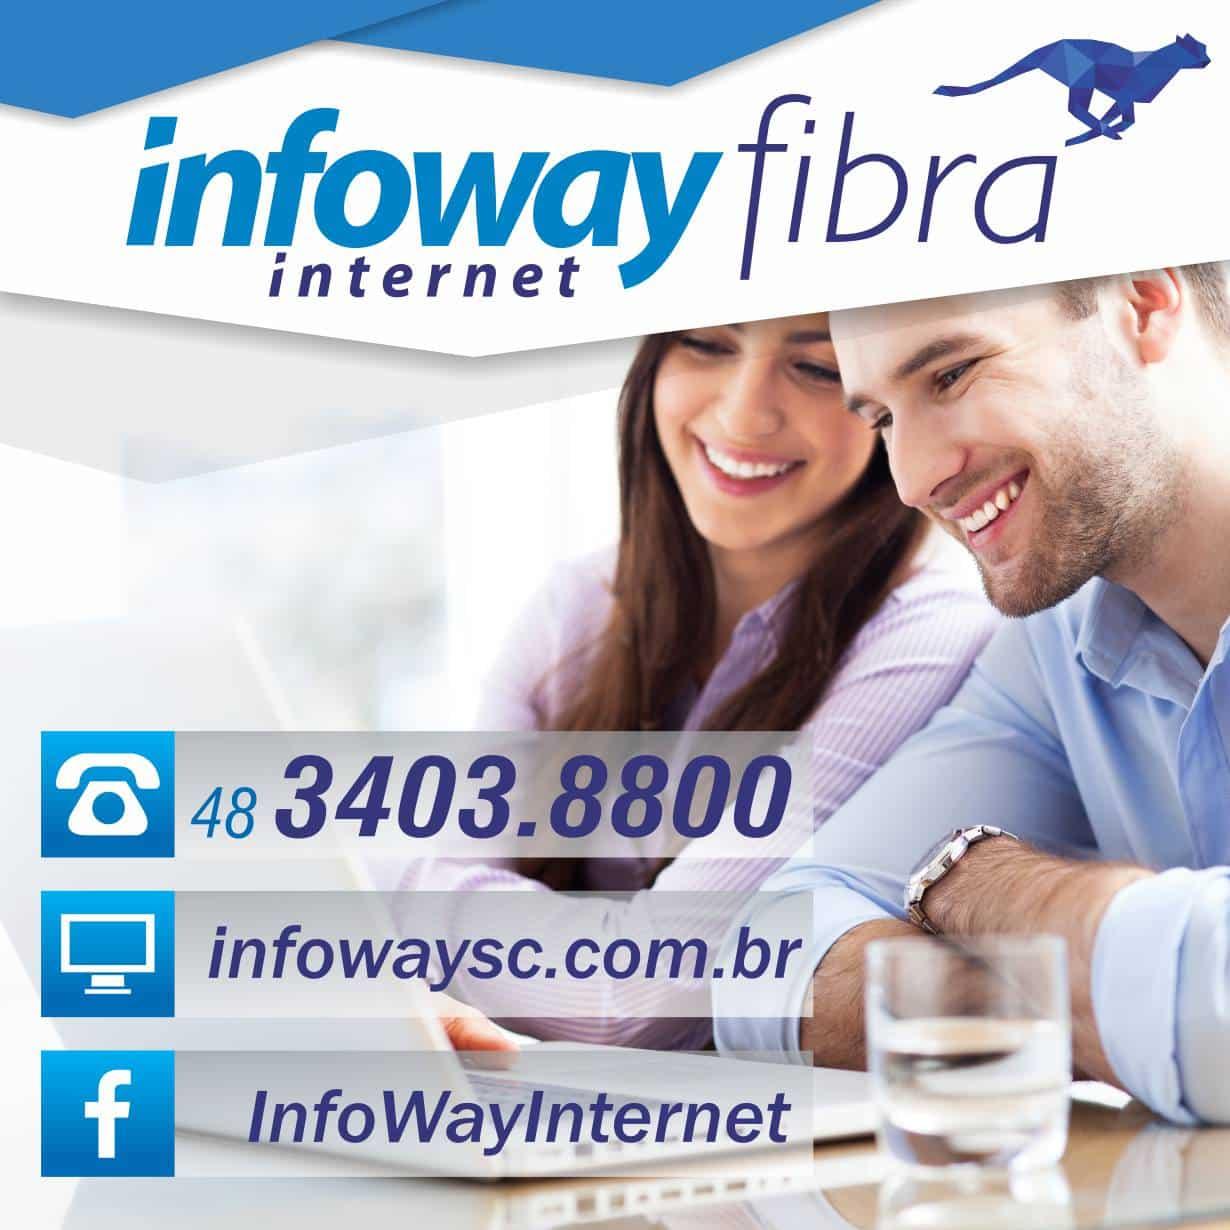 Infoway